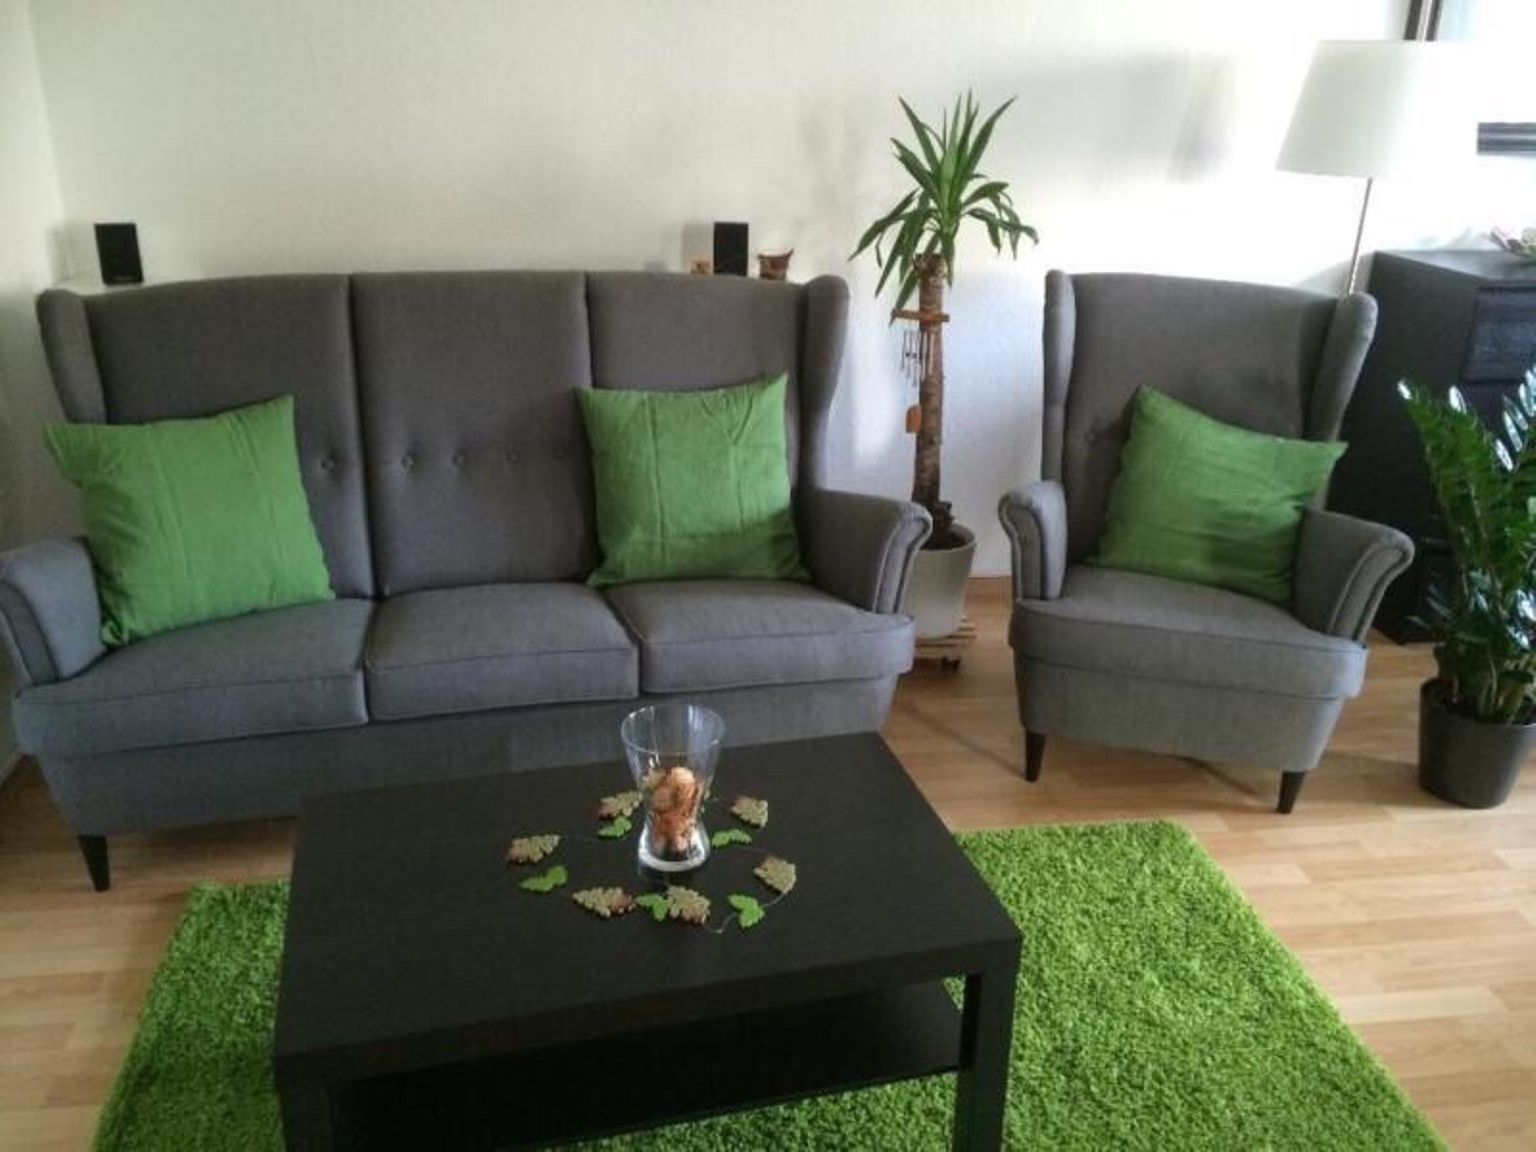 Full Size of Ikea Relaxsessel Weier Sessel Gebraucht Luxus Küche Kosten Garten Aldi Betten 160x200 Bei Kaufen Modulküche Miniküche Sofa Mit Schlaffunktion Wohnzimmer Ikea Relaxsessel